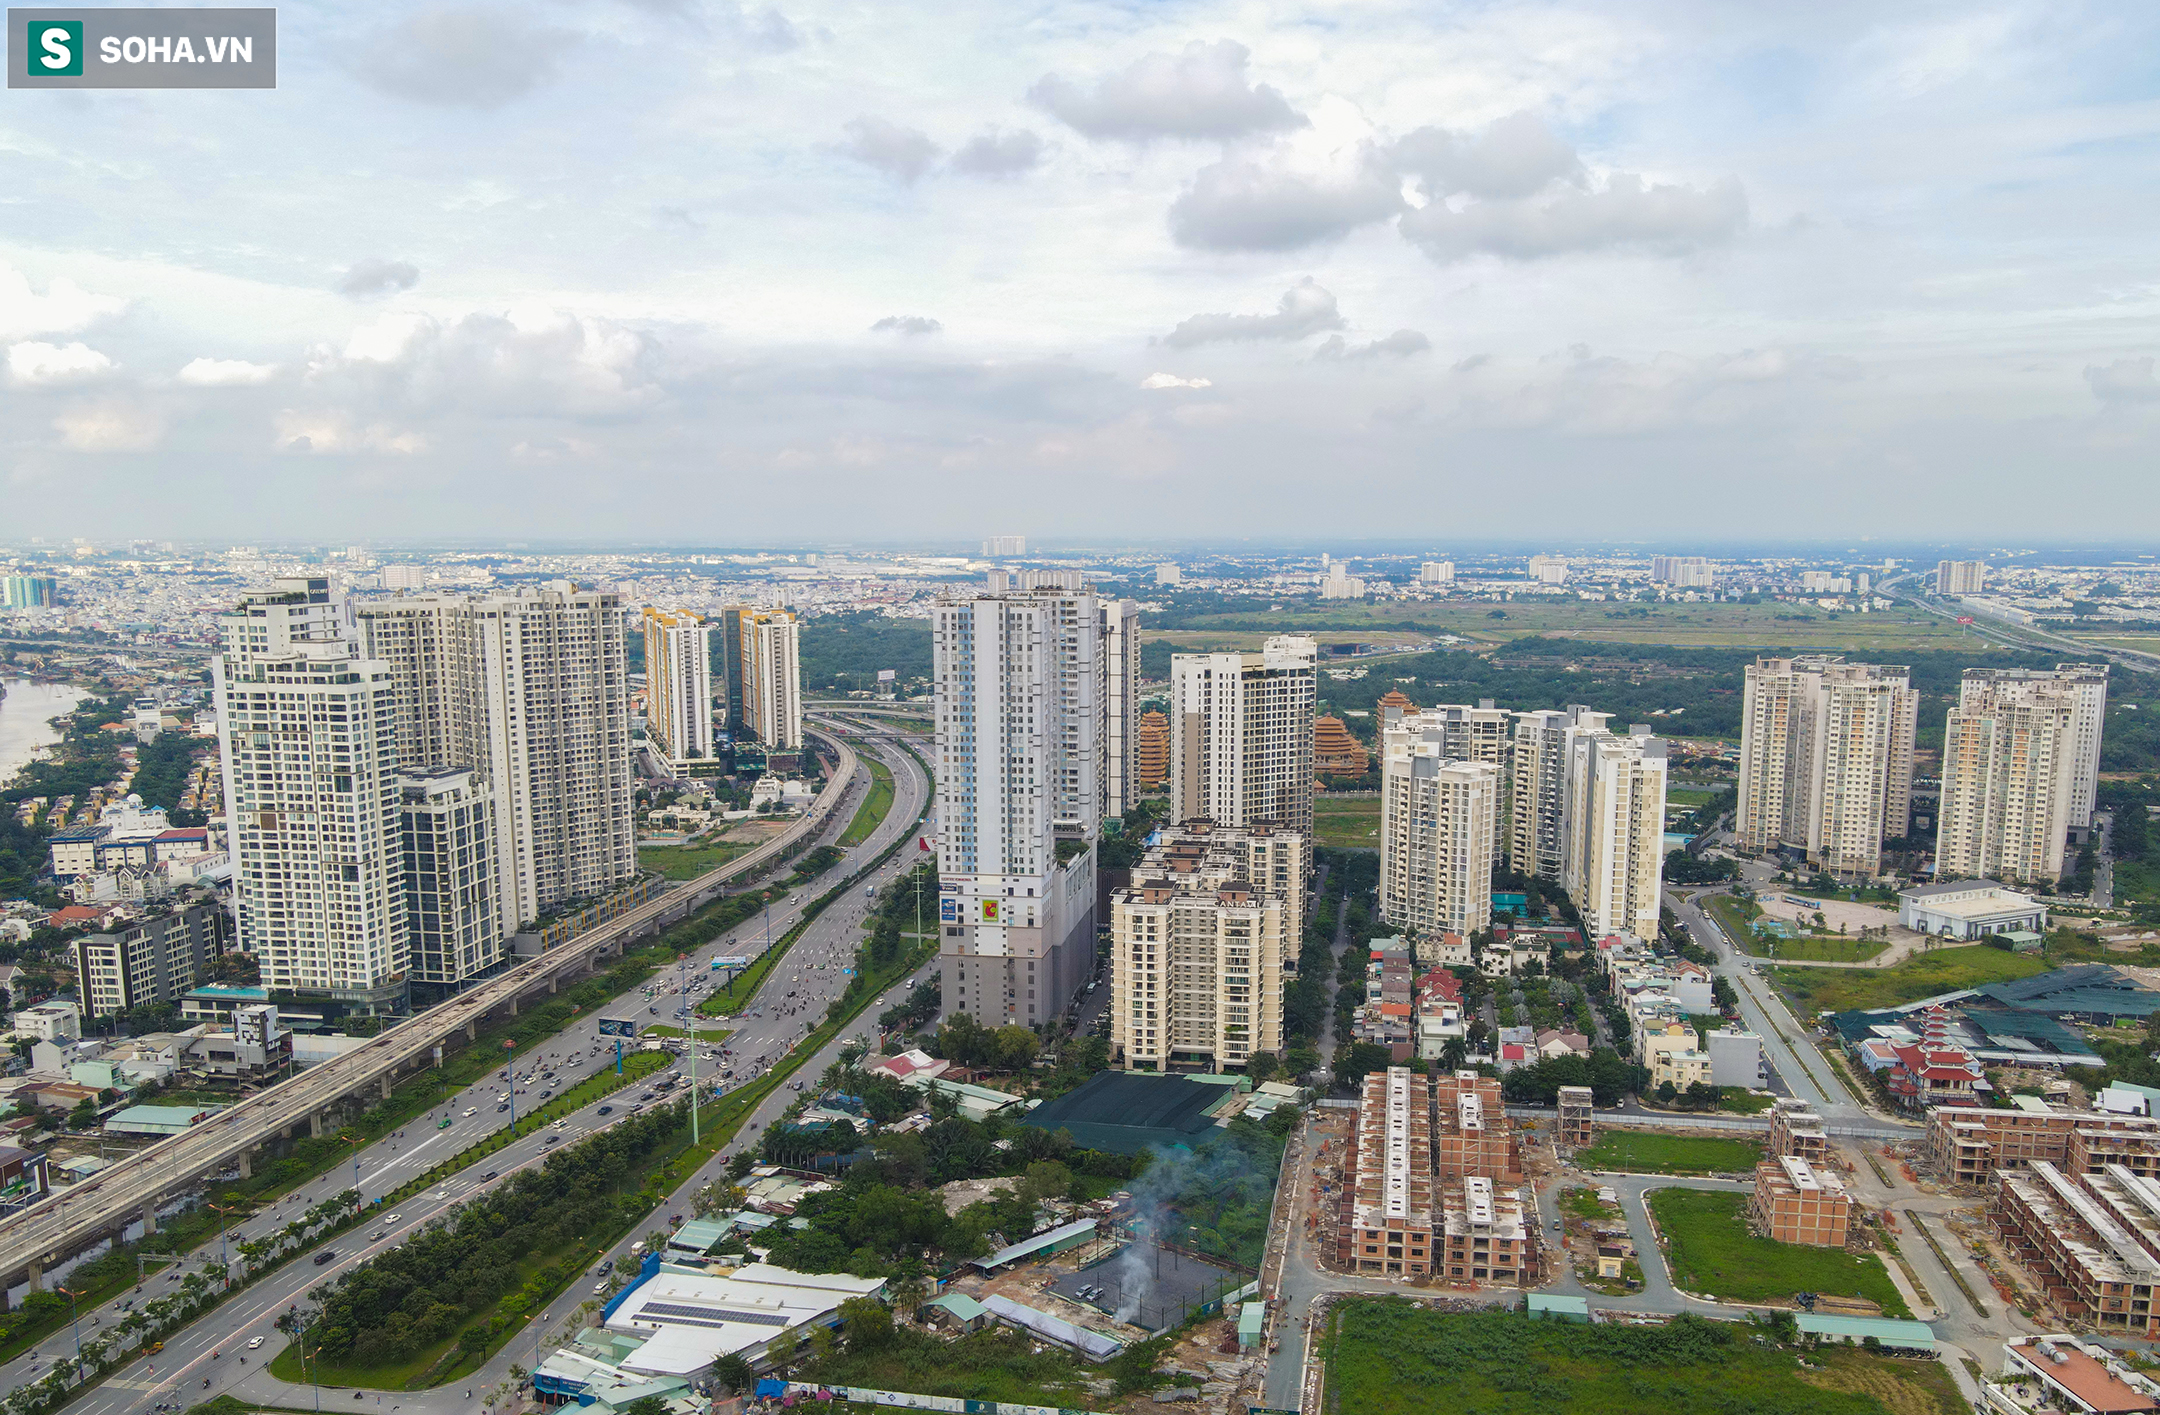 Cao ốc, chung cư vây chặt metro số 1, giao thông khu Đông TP.HCM bắt đầu ngạt thở - Ảnh 6.